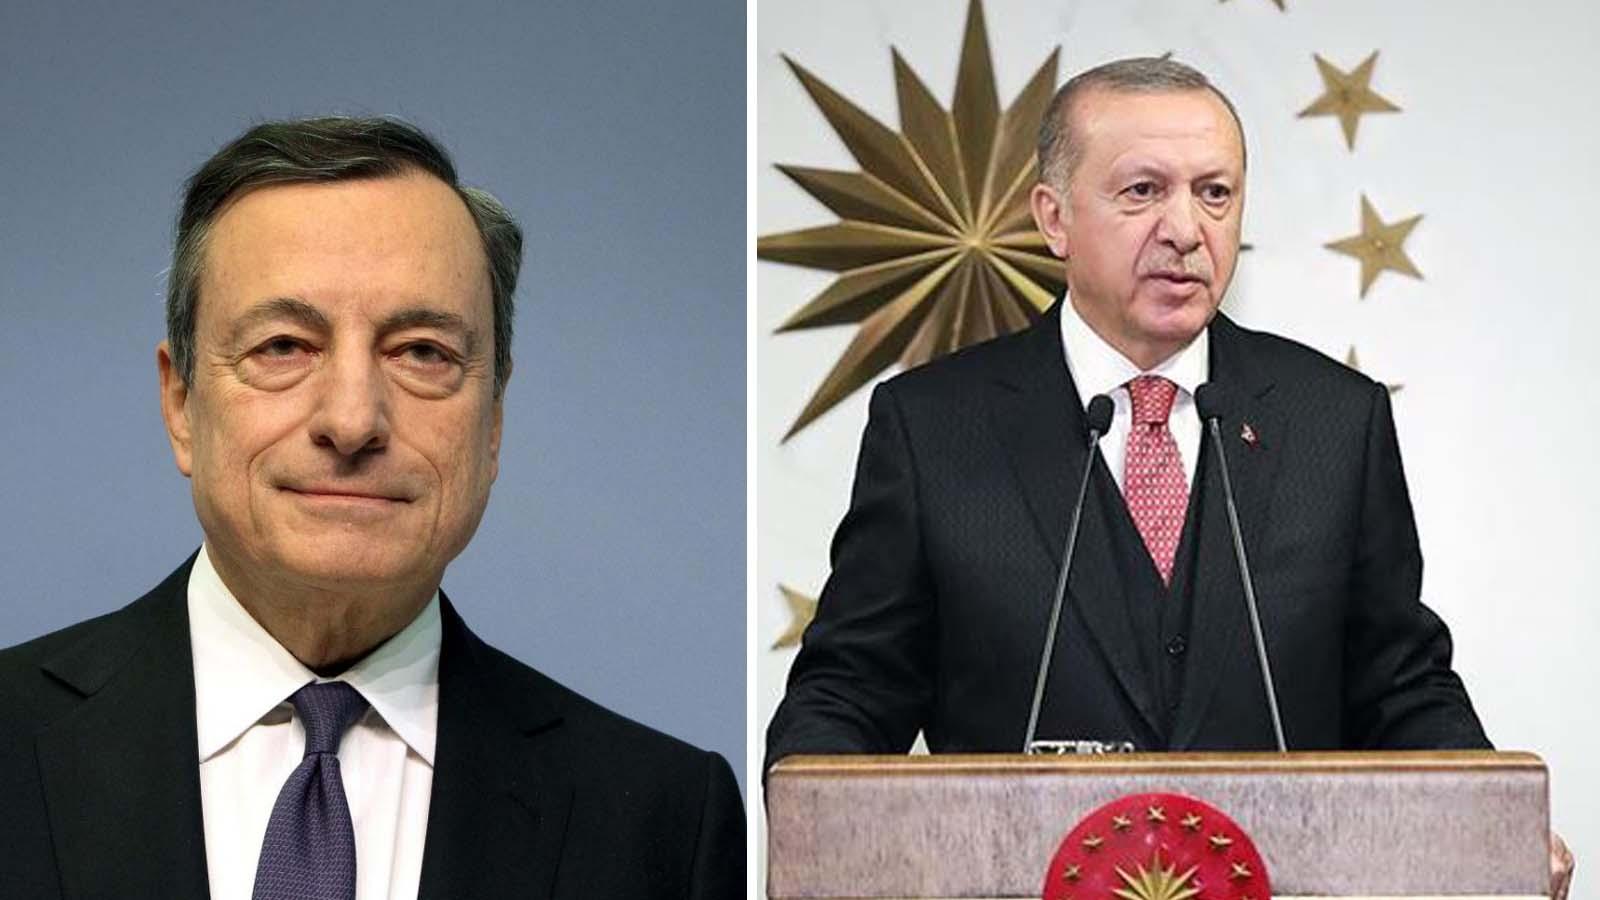 İtalya Başbakanı ne demiş? Draghi, Cumhurbaşkanı Erdoğan'a ne dedi?